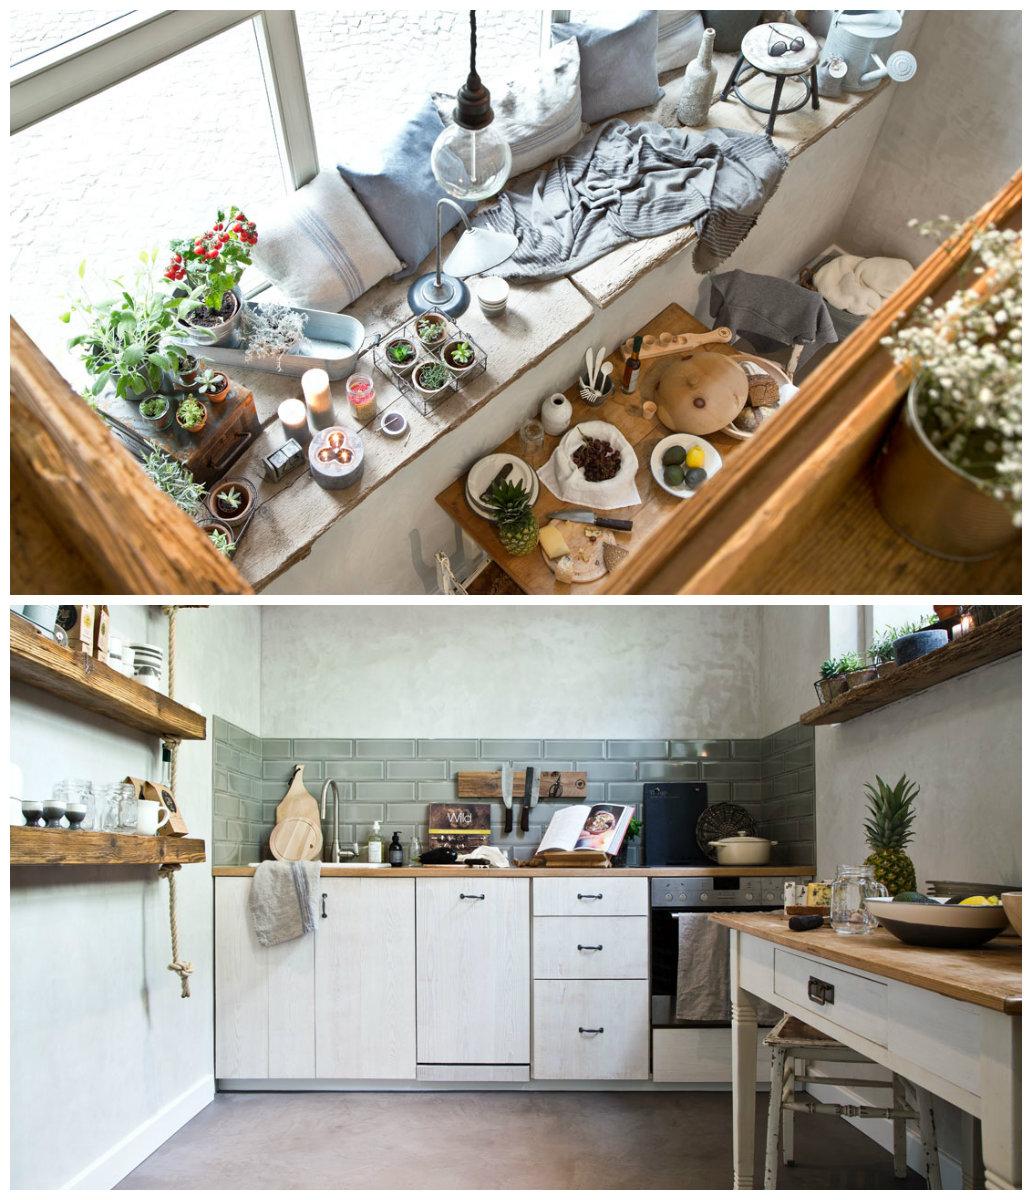 Cocina de estilo rústico urbano